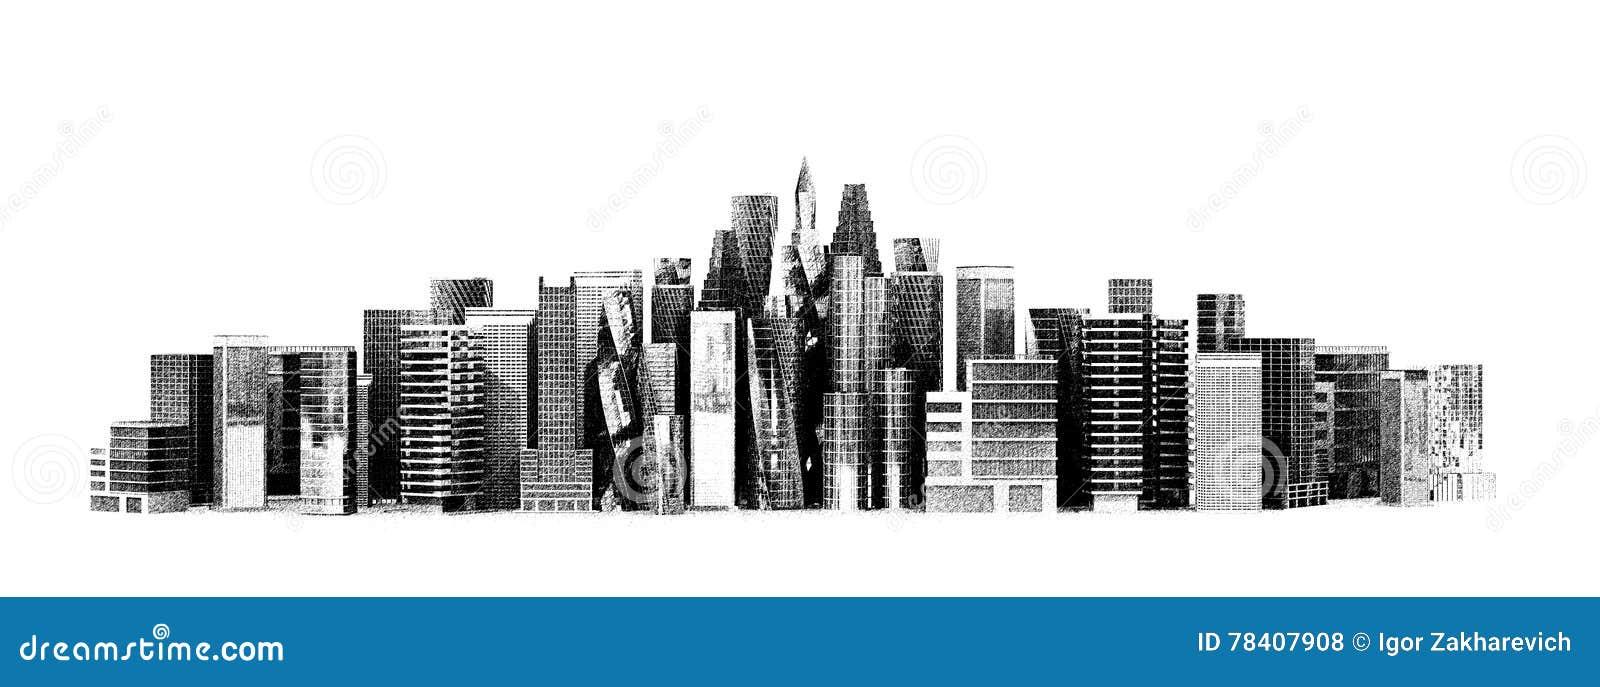 Edificio arquitectónico en la visión panorámica